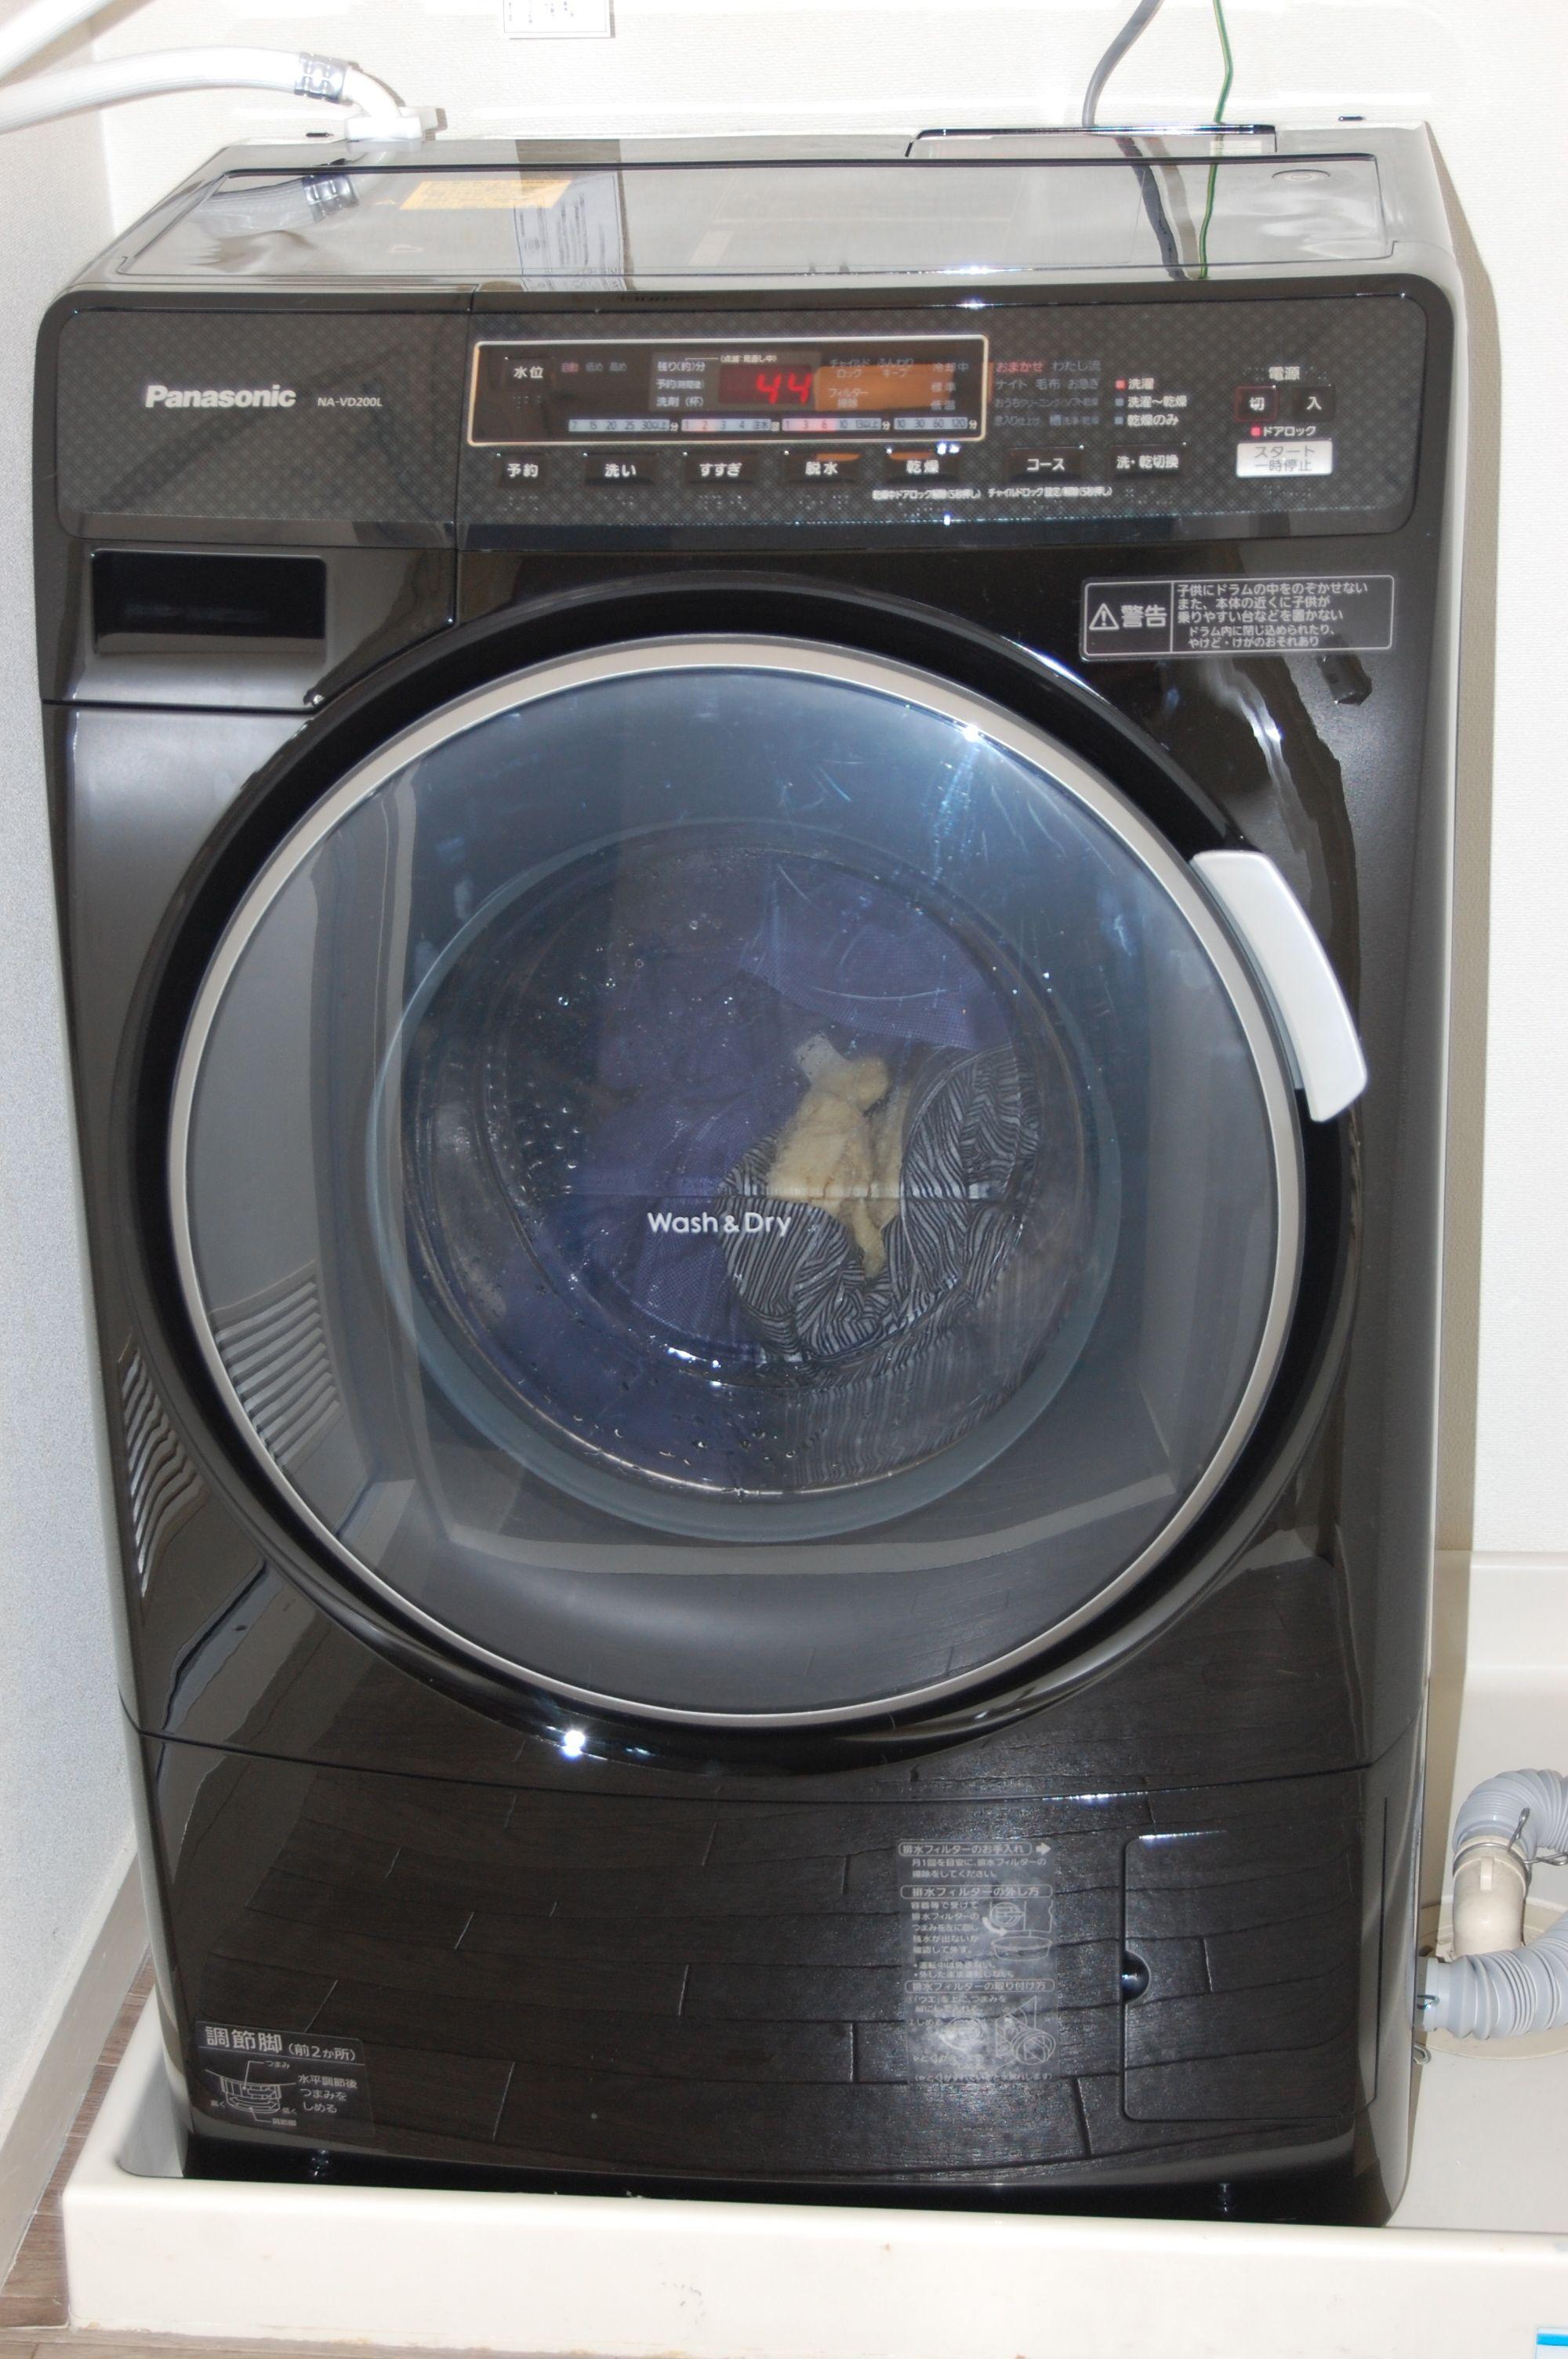 ムジの洗濯機は最初のマンションがベランダに洗濯機を置くタイプで、外側が汚れていて、なんとなくもう洗ってもきれいになっていない気さえしていました(そんなことは  ...